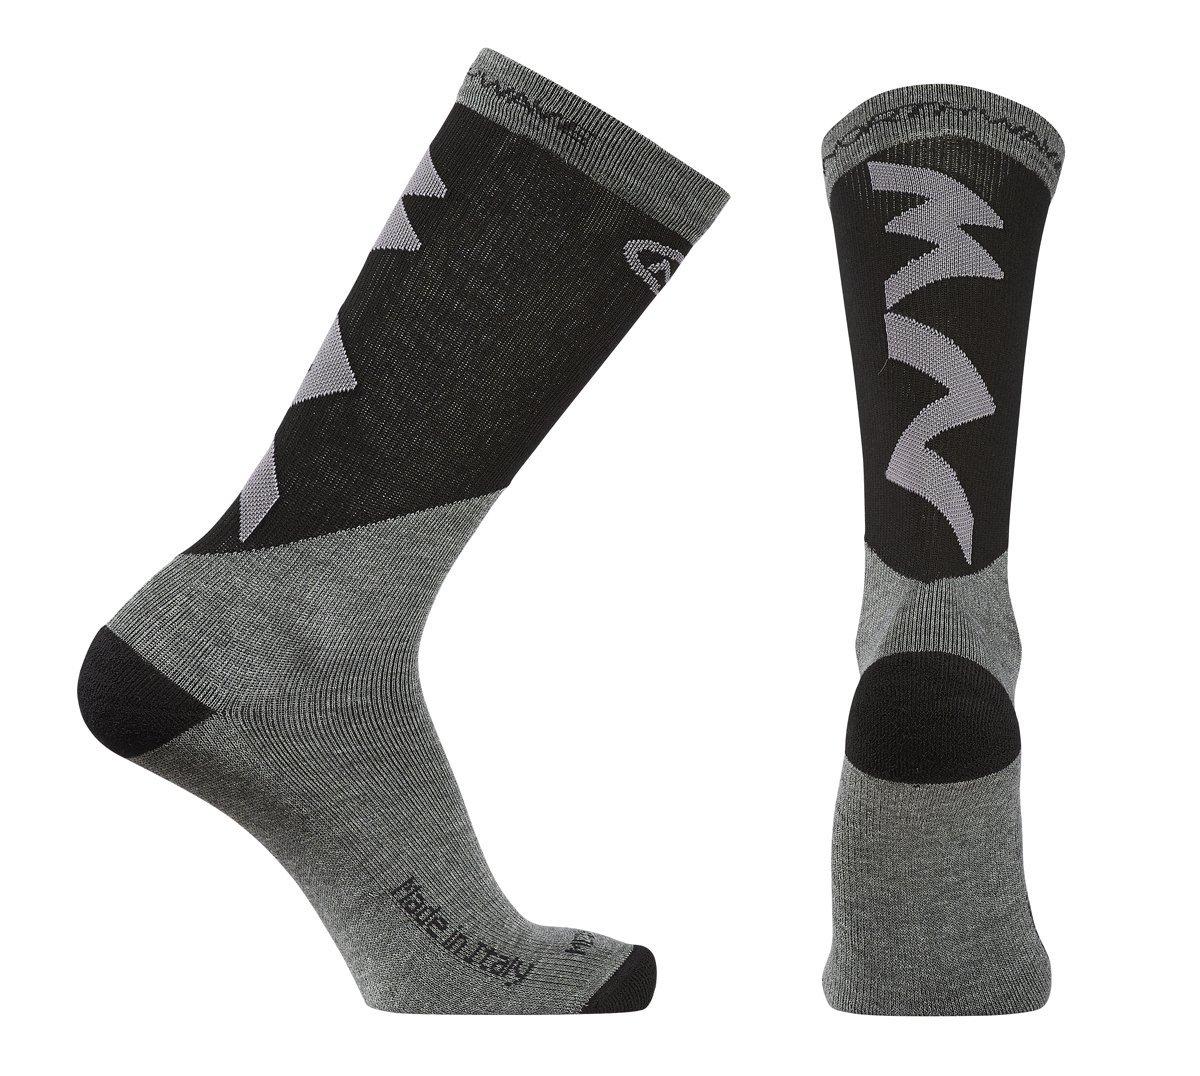 Northwave Extreme Pro Winter Fahrrad Socken grau//schwarz 2016